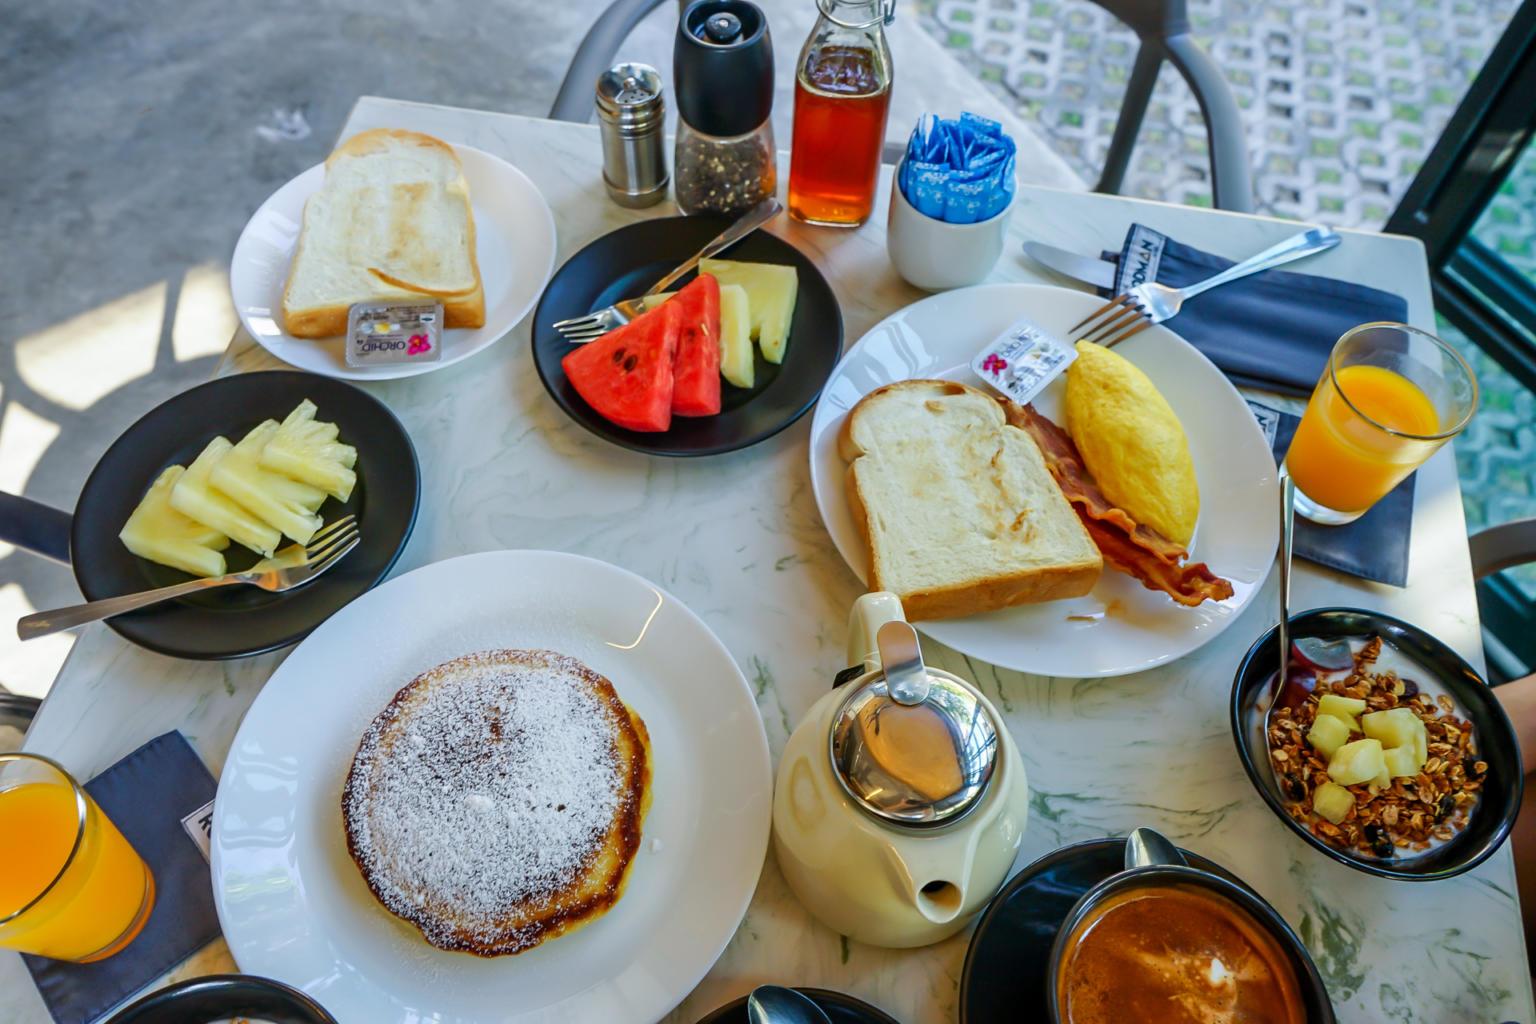 羅德曼酒店的早餐雖然不是Buffet形式,但份量絕對不會少,品項豐富又精緻,真的如網路上的評價一樣,表現優異!上圖是我們兩人份的餐點,擺滿滿一整桌,有果汁、咖啡、茶、鬆餅、水果、優格...超級豐盛。